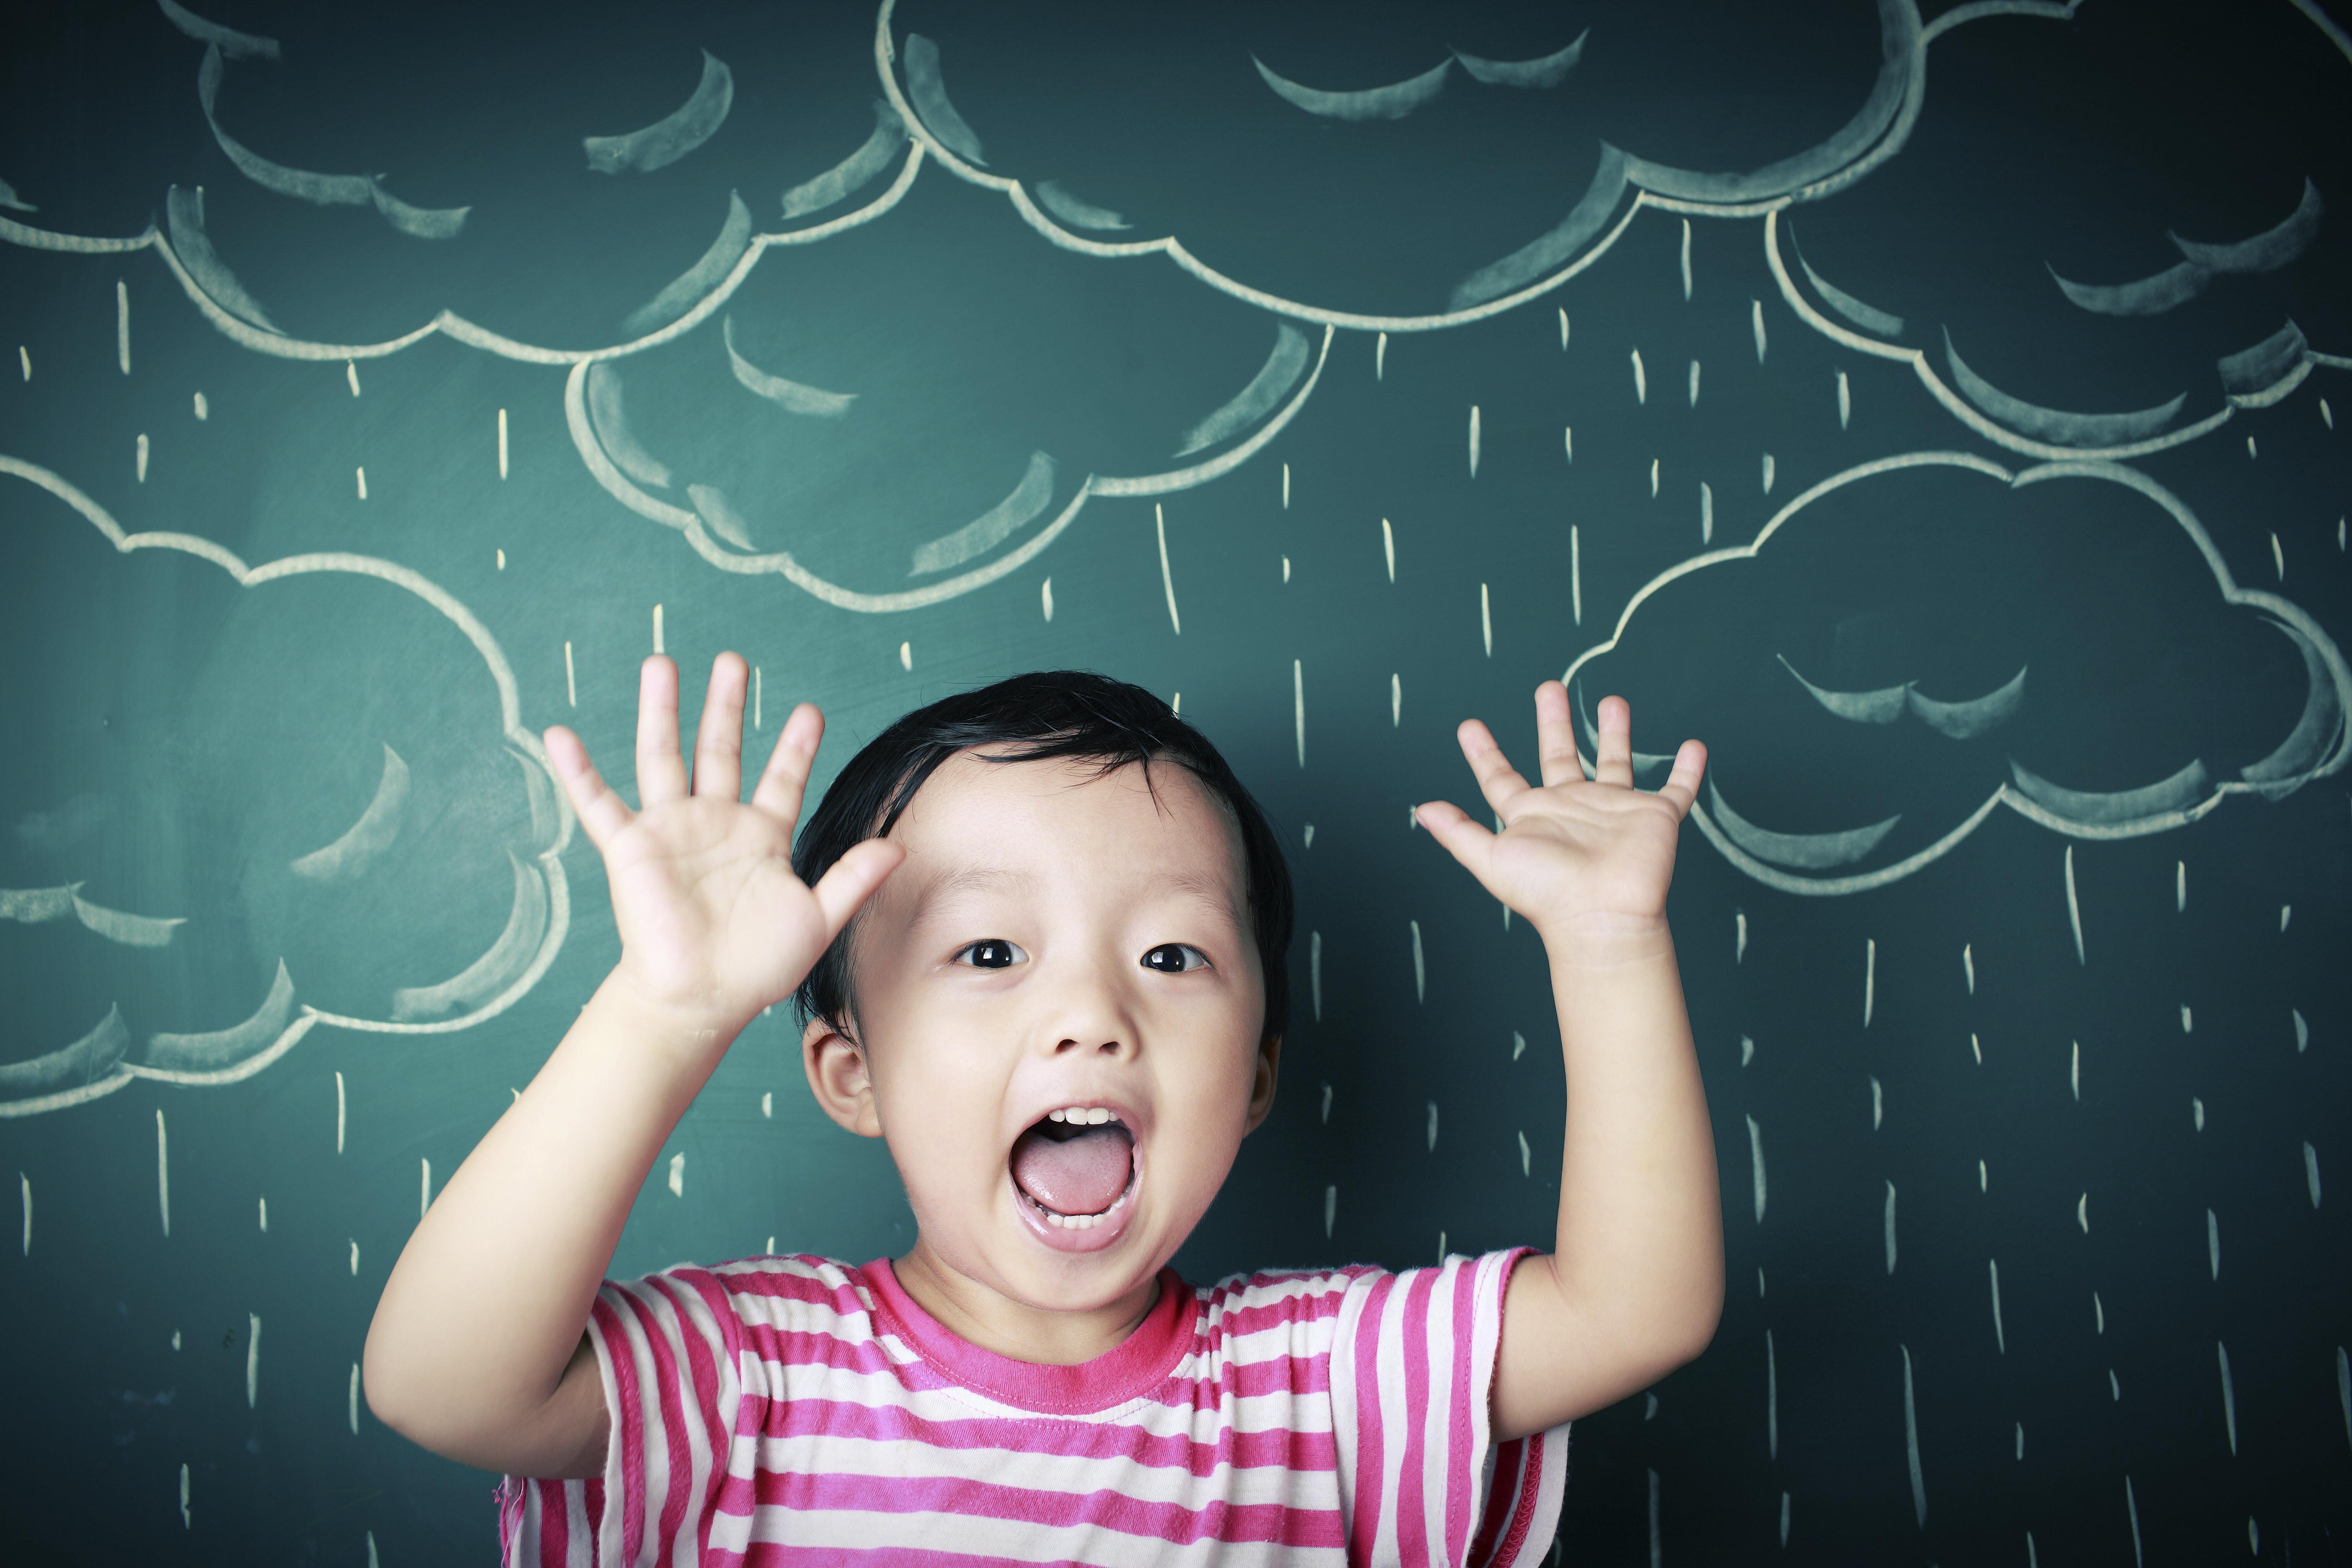 rainy-day-funiStock_000027408636XXXLarge[1]